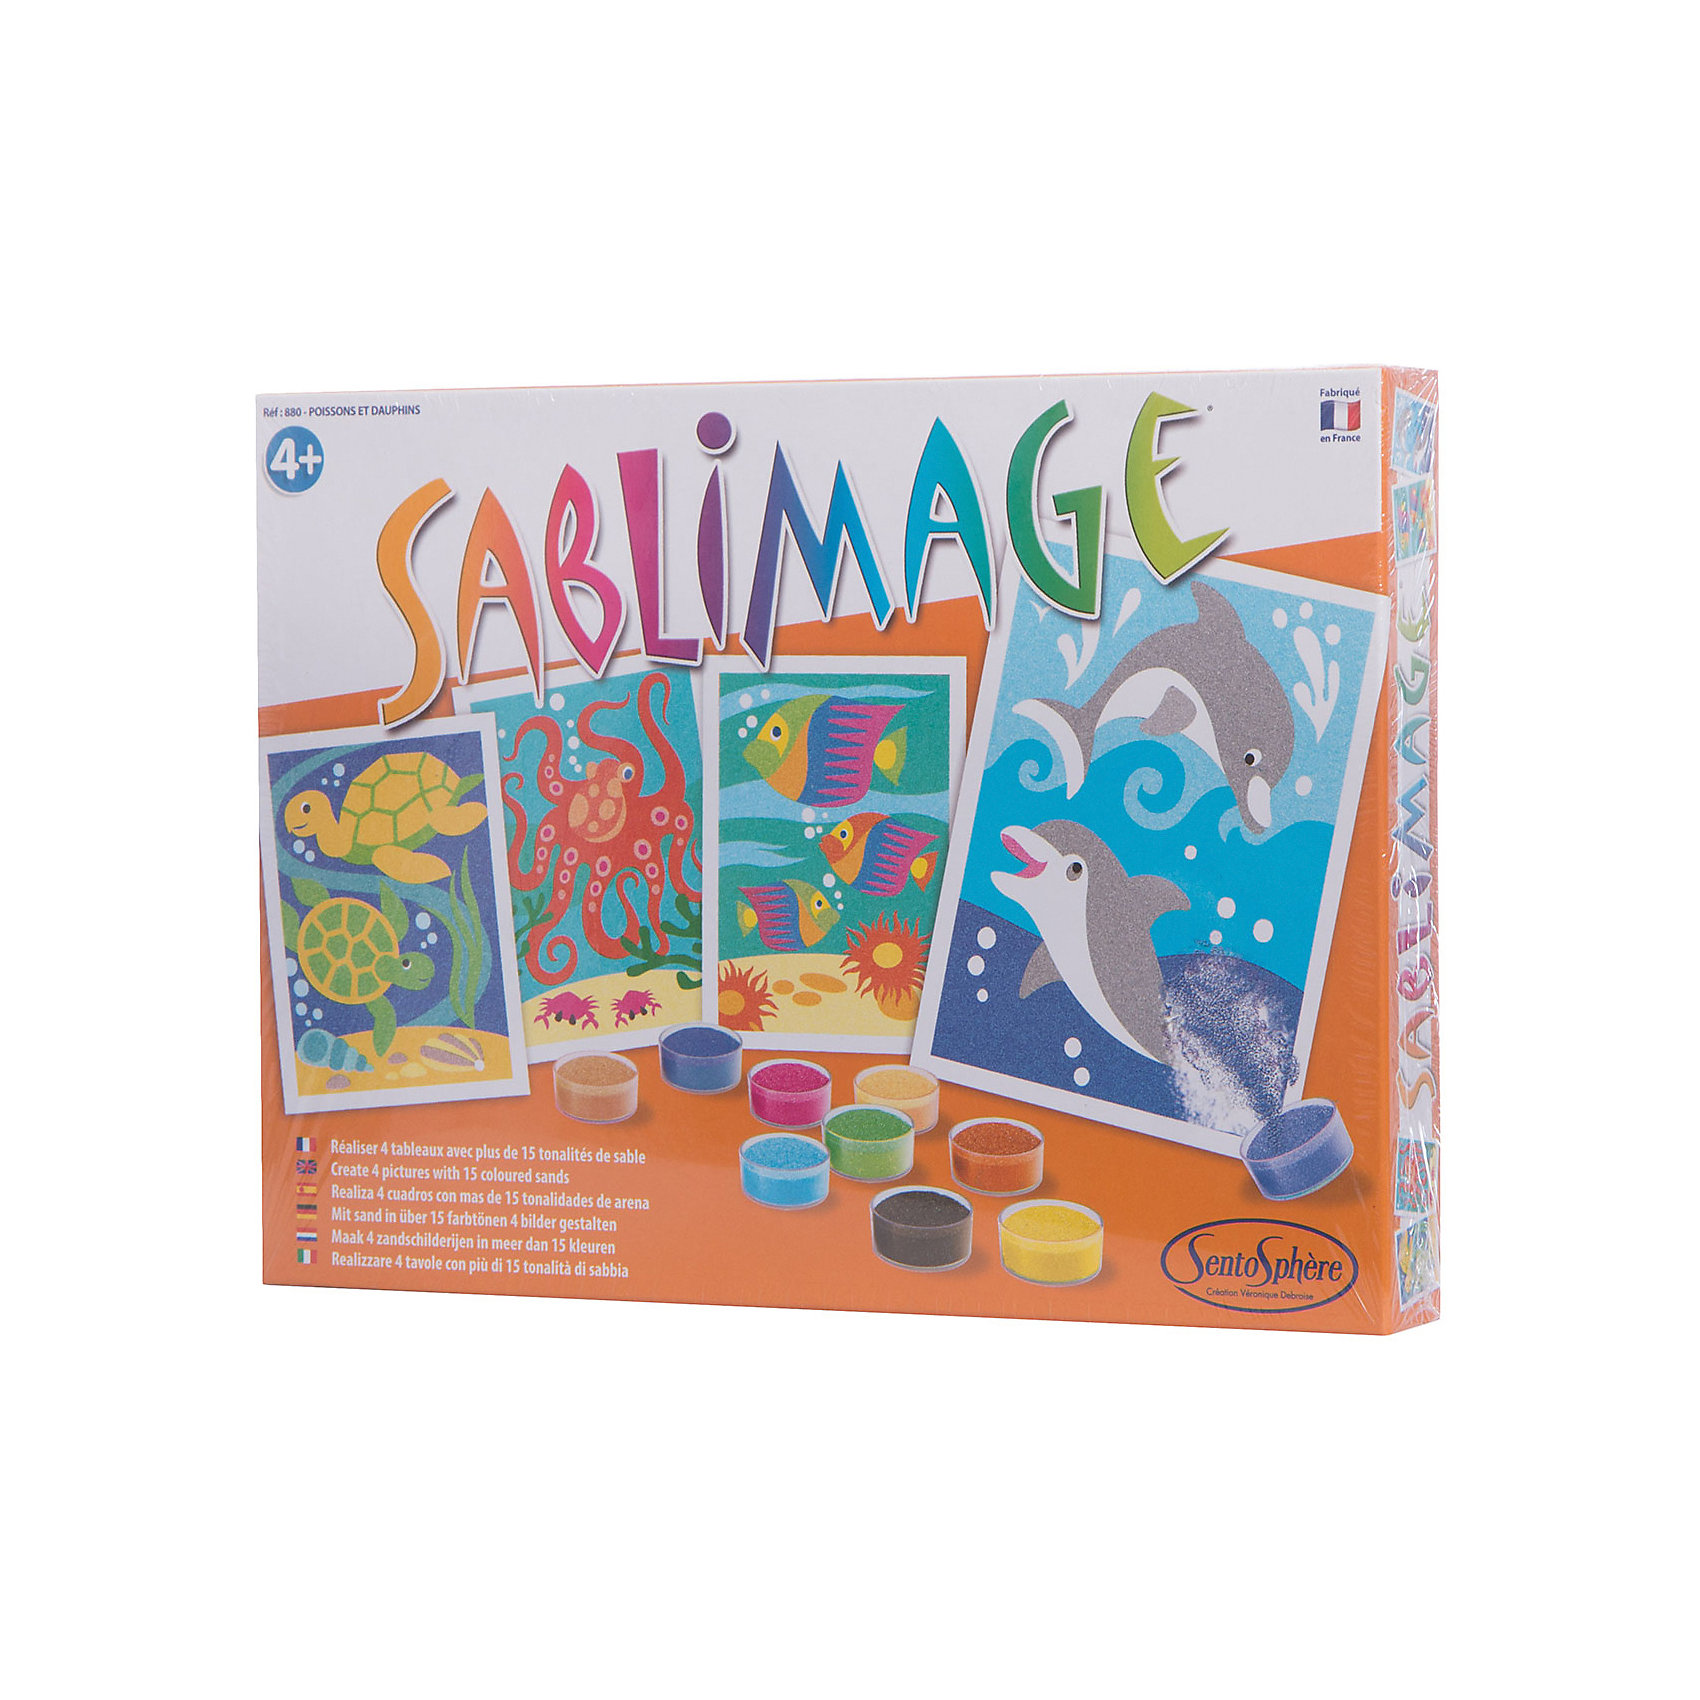 SentoSpherе 880 Песочные картинки Рыбки и дельфинПесочные картинки<br>Этот набор предназначен для маленьких детей для создания ими красивых картин, которыми дети будут гордиться и смогут повесить у себя в комнате. Рисование песком  - это игровое и художественное занятие, способствующее развитию чувства гармонии, ловкости рук и креативности. 16 пакетиков песка разного цвета; 4 надрезанные картинки с клейким слоем под пленкой; 1 инструкция, предлагающая многочисленные варианты цветов для каждой картинки.<br><br>Ширина мм: 272<br>Глубина мм: 200<br>Высота мм: 36<br>Вес г: 488<br>Возраст от месяцев: 48<br>Возраст до месяцев: 96<br>Пол: Унисекс<br>Возраст: Детский<br>SKU: 2176785